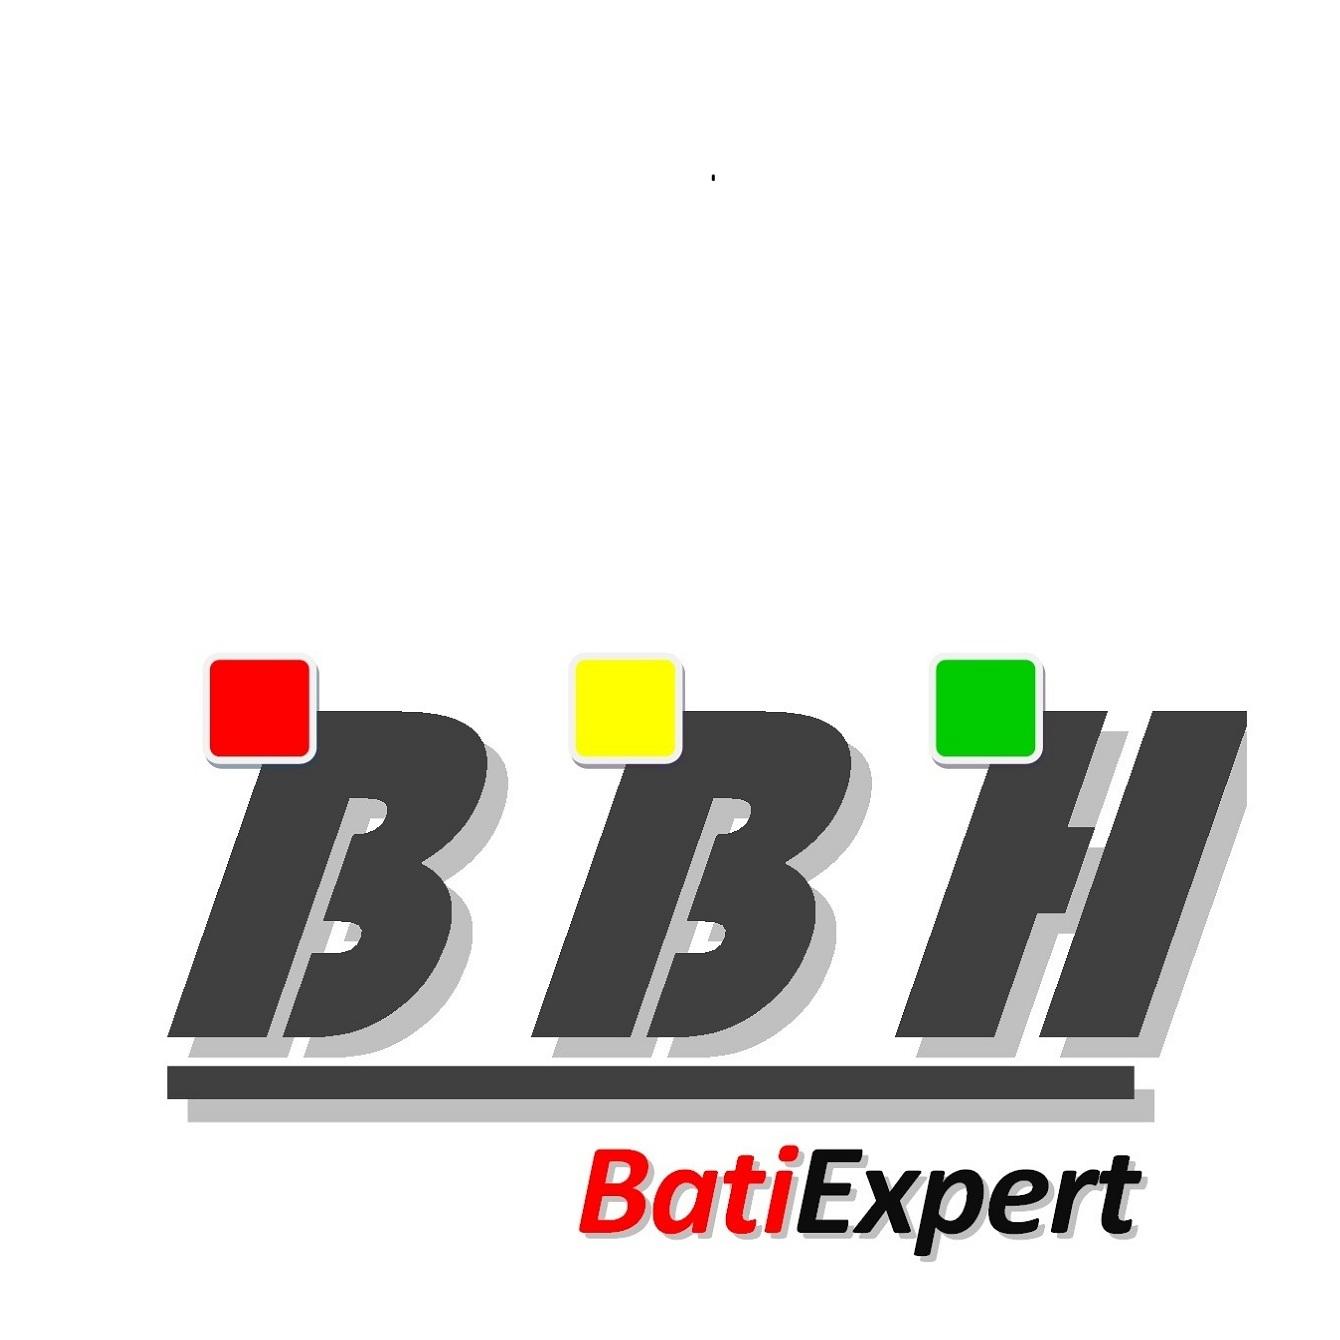 diagnostics immobiliers bbh batiexpert est une soci t sp cialis e dans le domaine de l. Black Bedroom Furniture Sets. Home Design Ideas